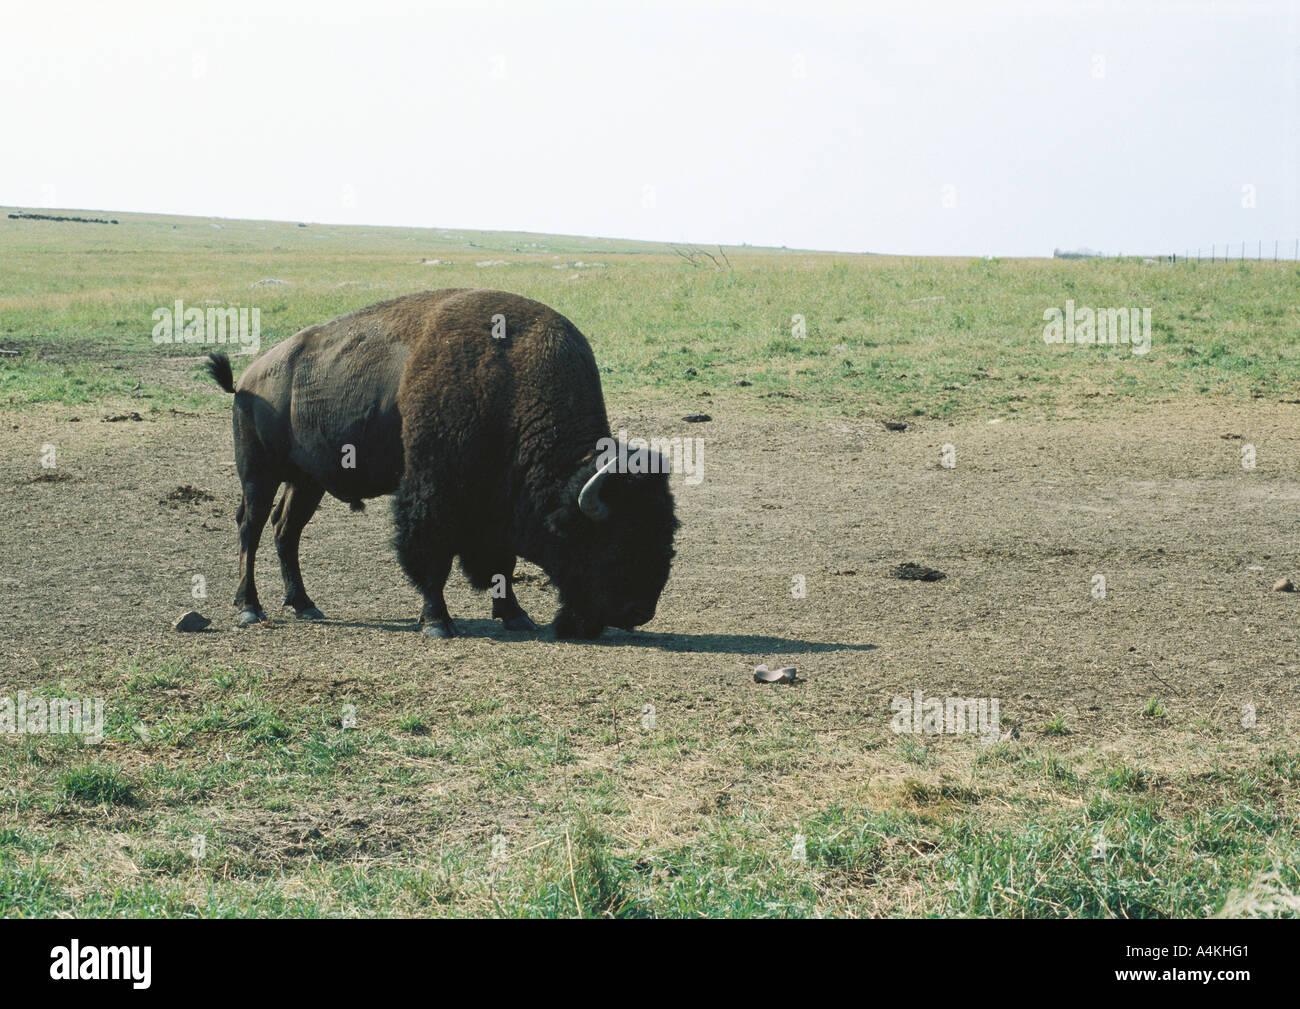 Le Dakota du Sud, Badlands National Park, buffalo grazing on plain Photo Stock